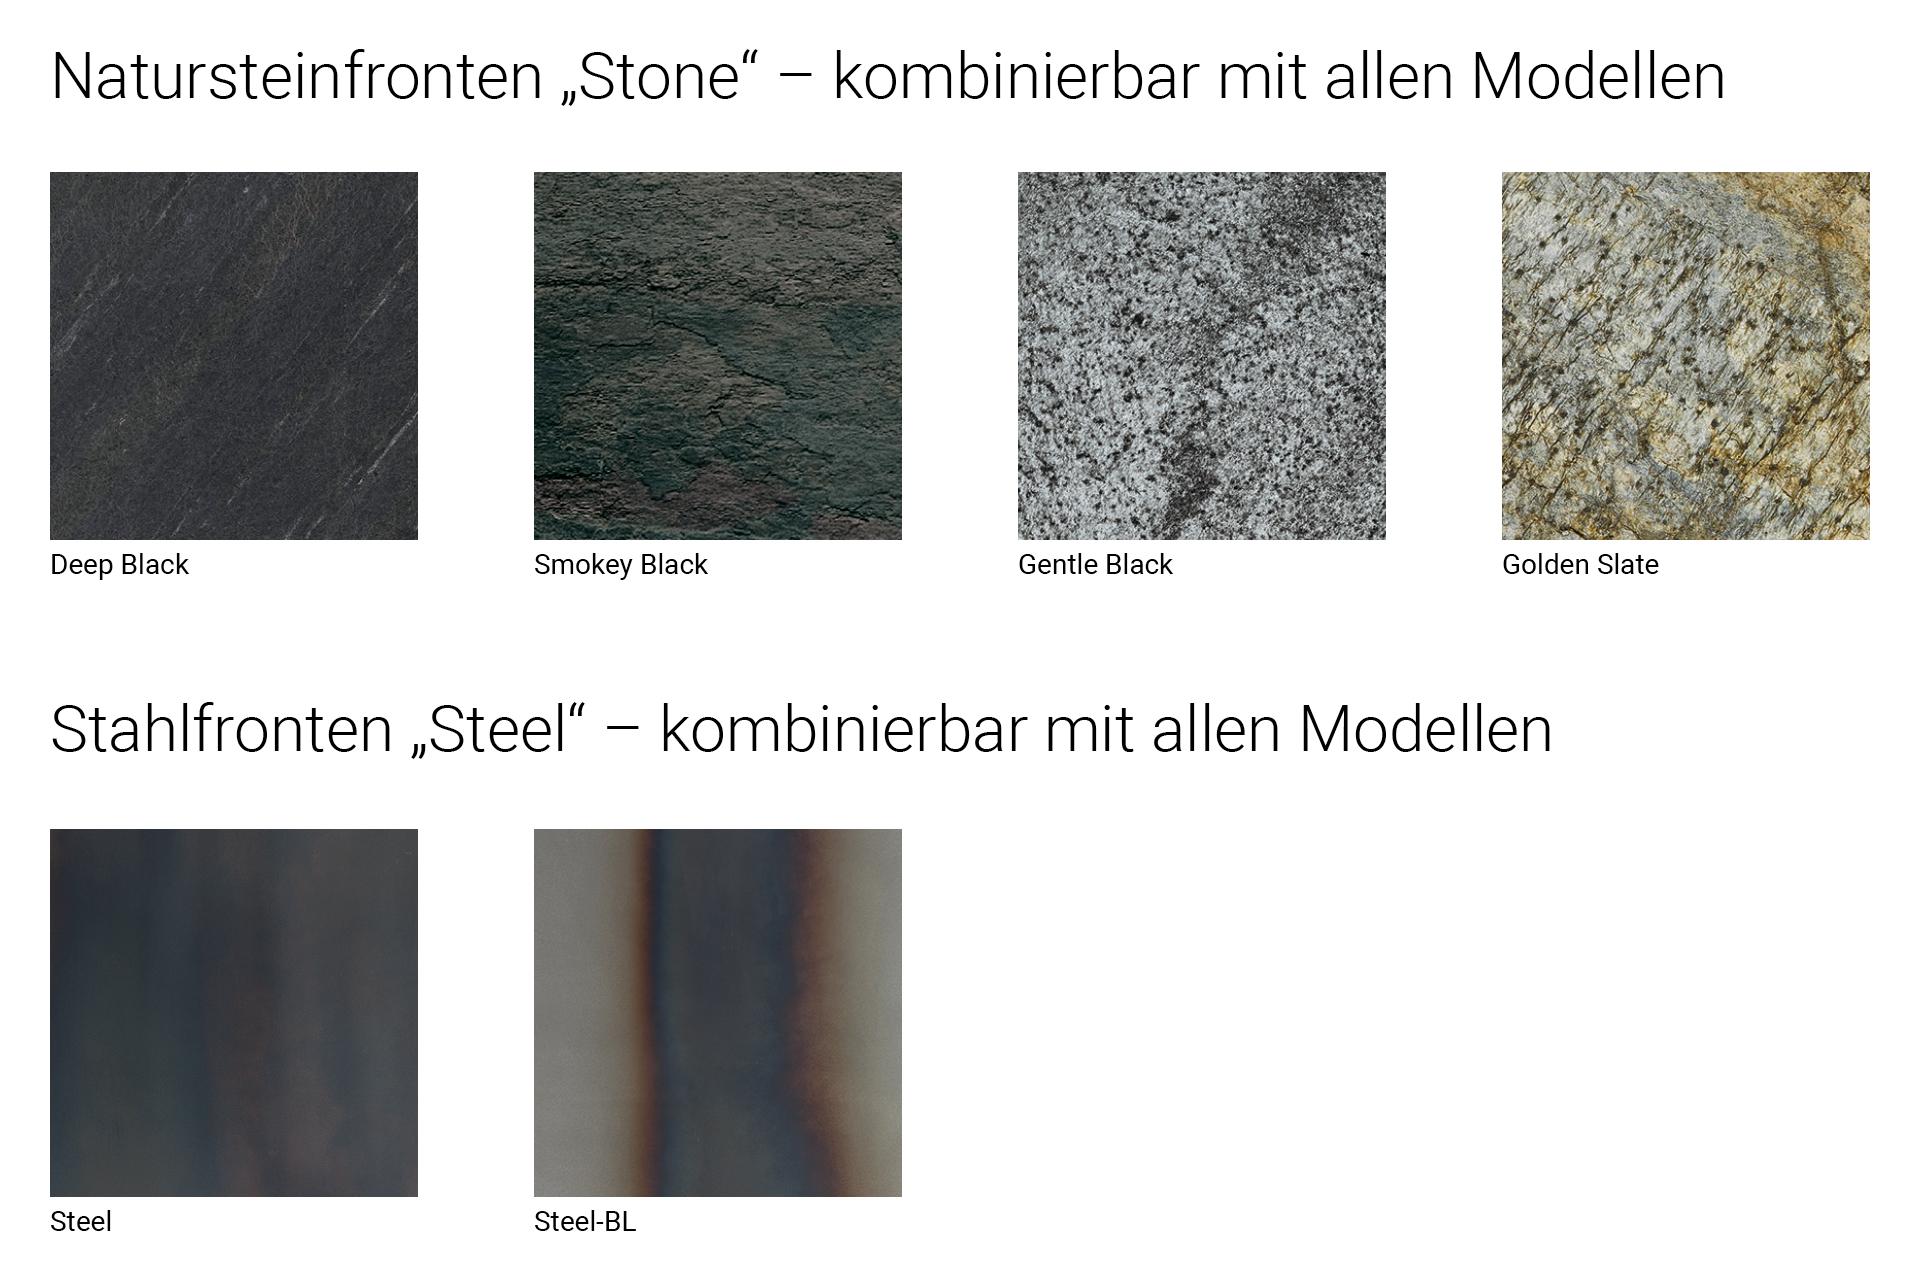 Finish 3 Natursteinfronten Stahlfronten – OSTER KÜCHE